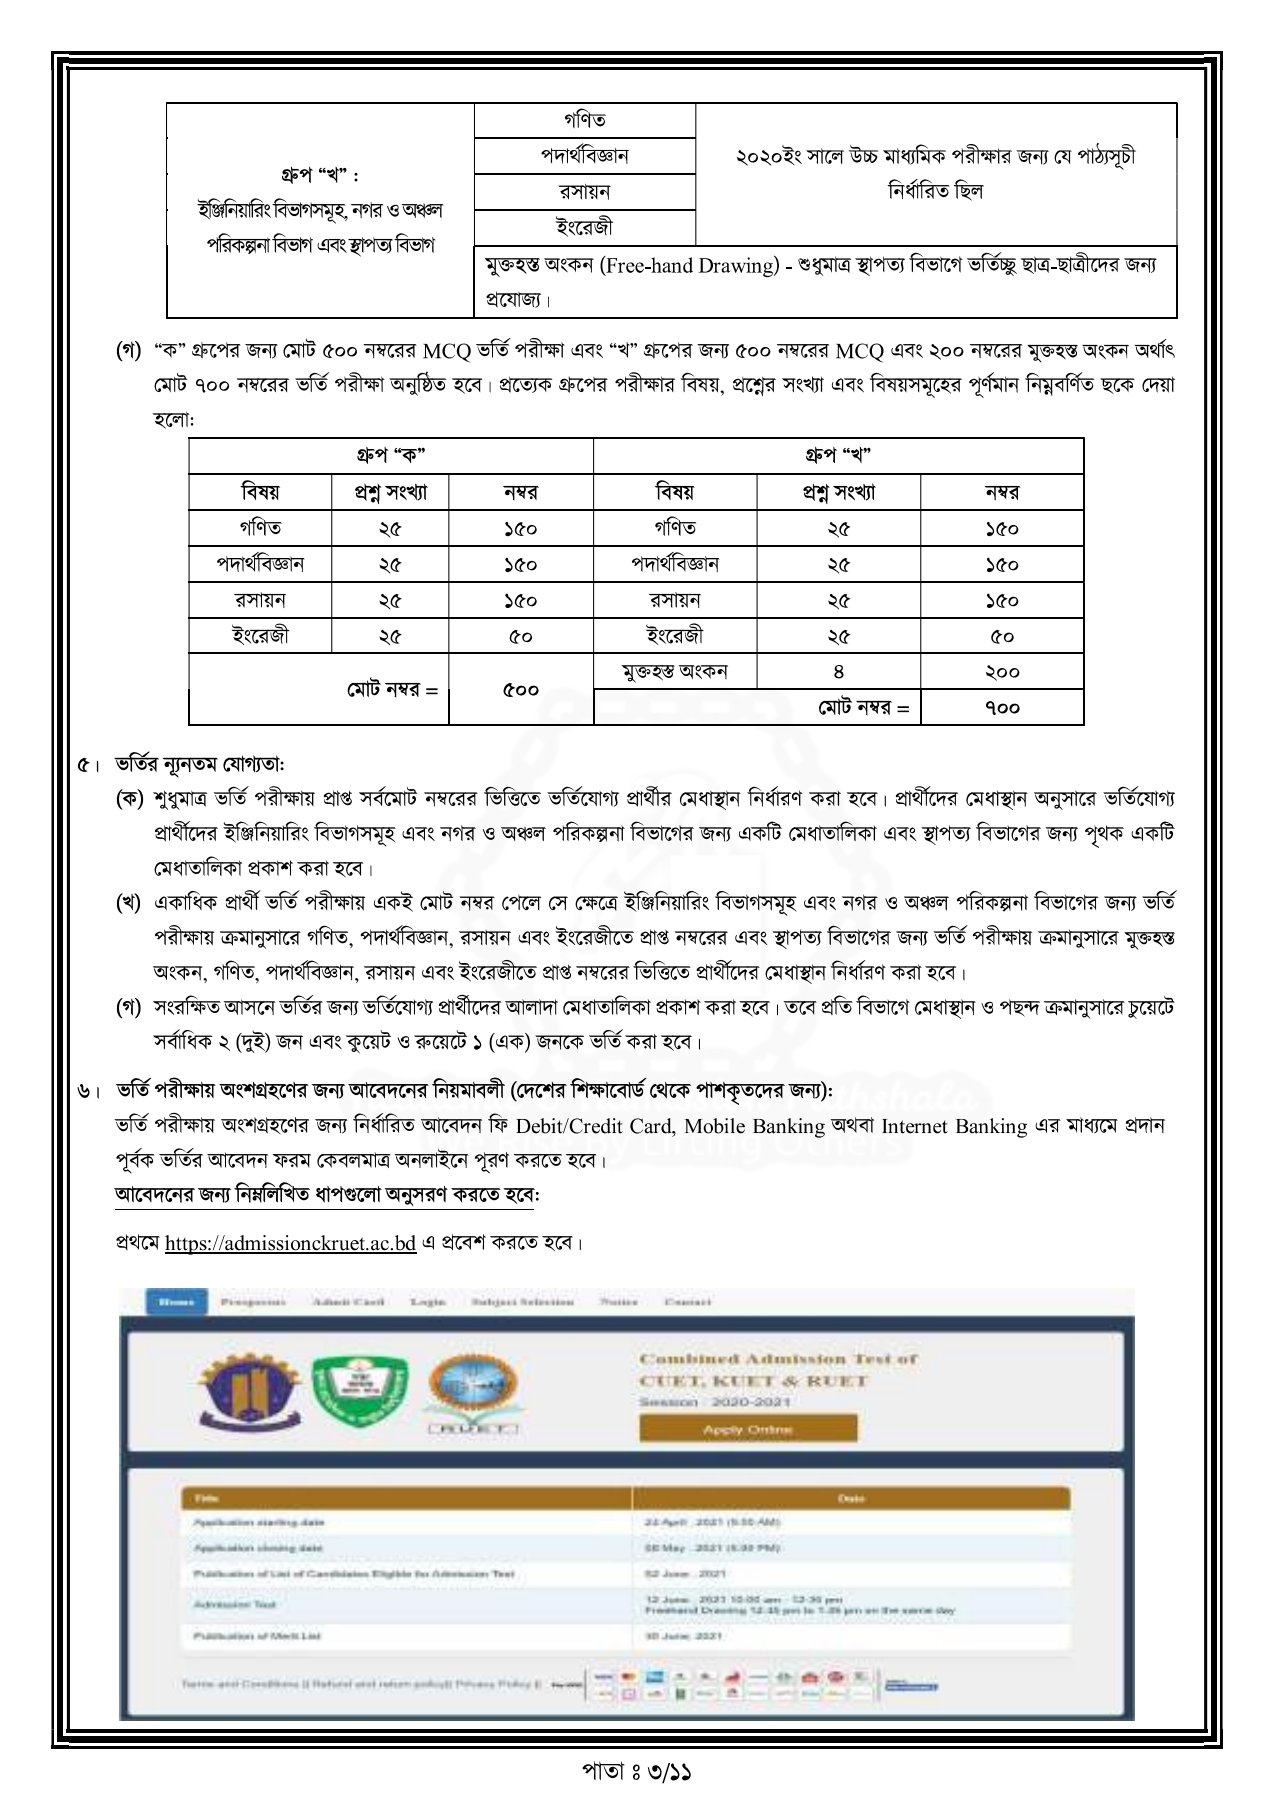 BD All Engineering University Admission Circular 2020-21 All Information   চুয়েট,কুয়েট,রুয়েট ভর্তি বিজ্ঞপ্তি ২০২১-ইঞ্জিনিয়ারিং ভর্তি বিজ্ঞপ্তি ২০২০-২০২১